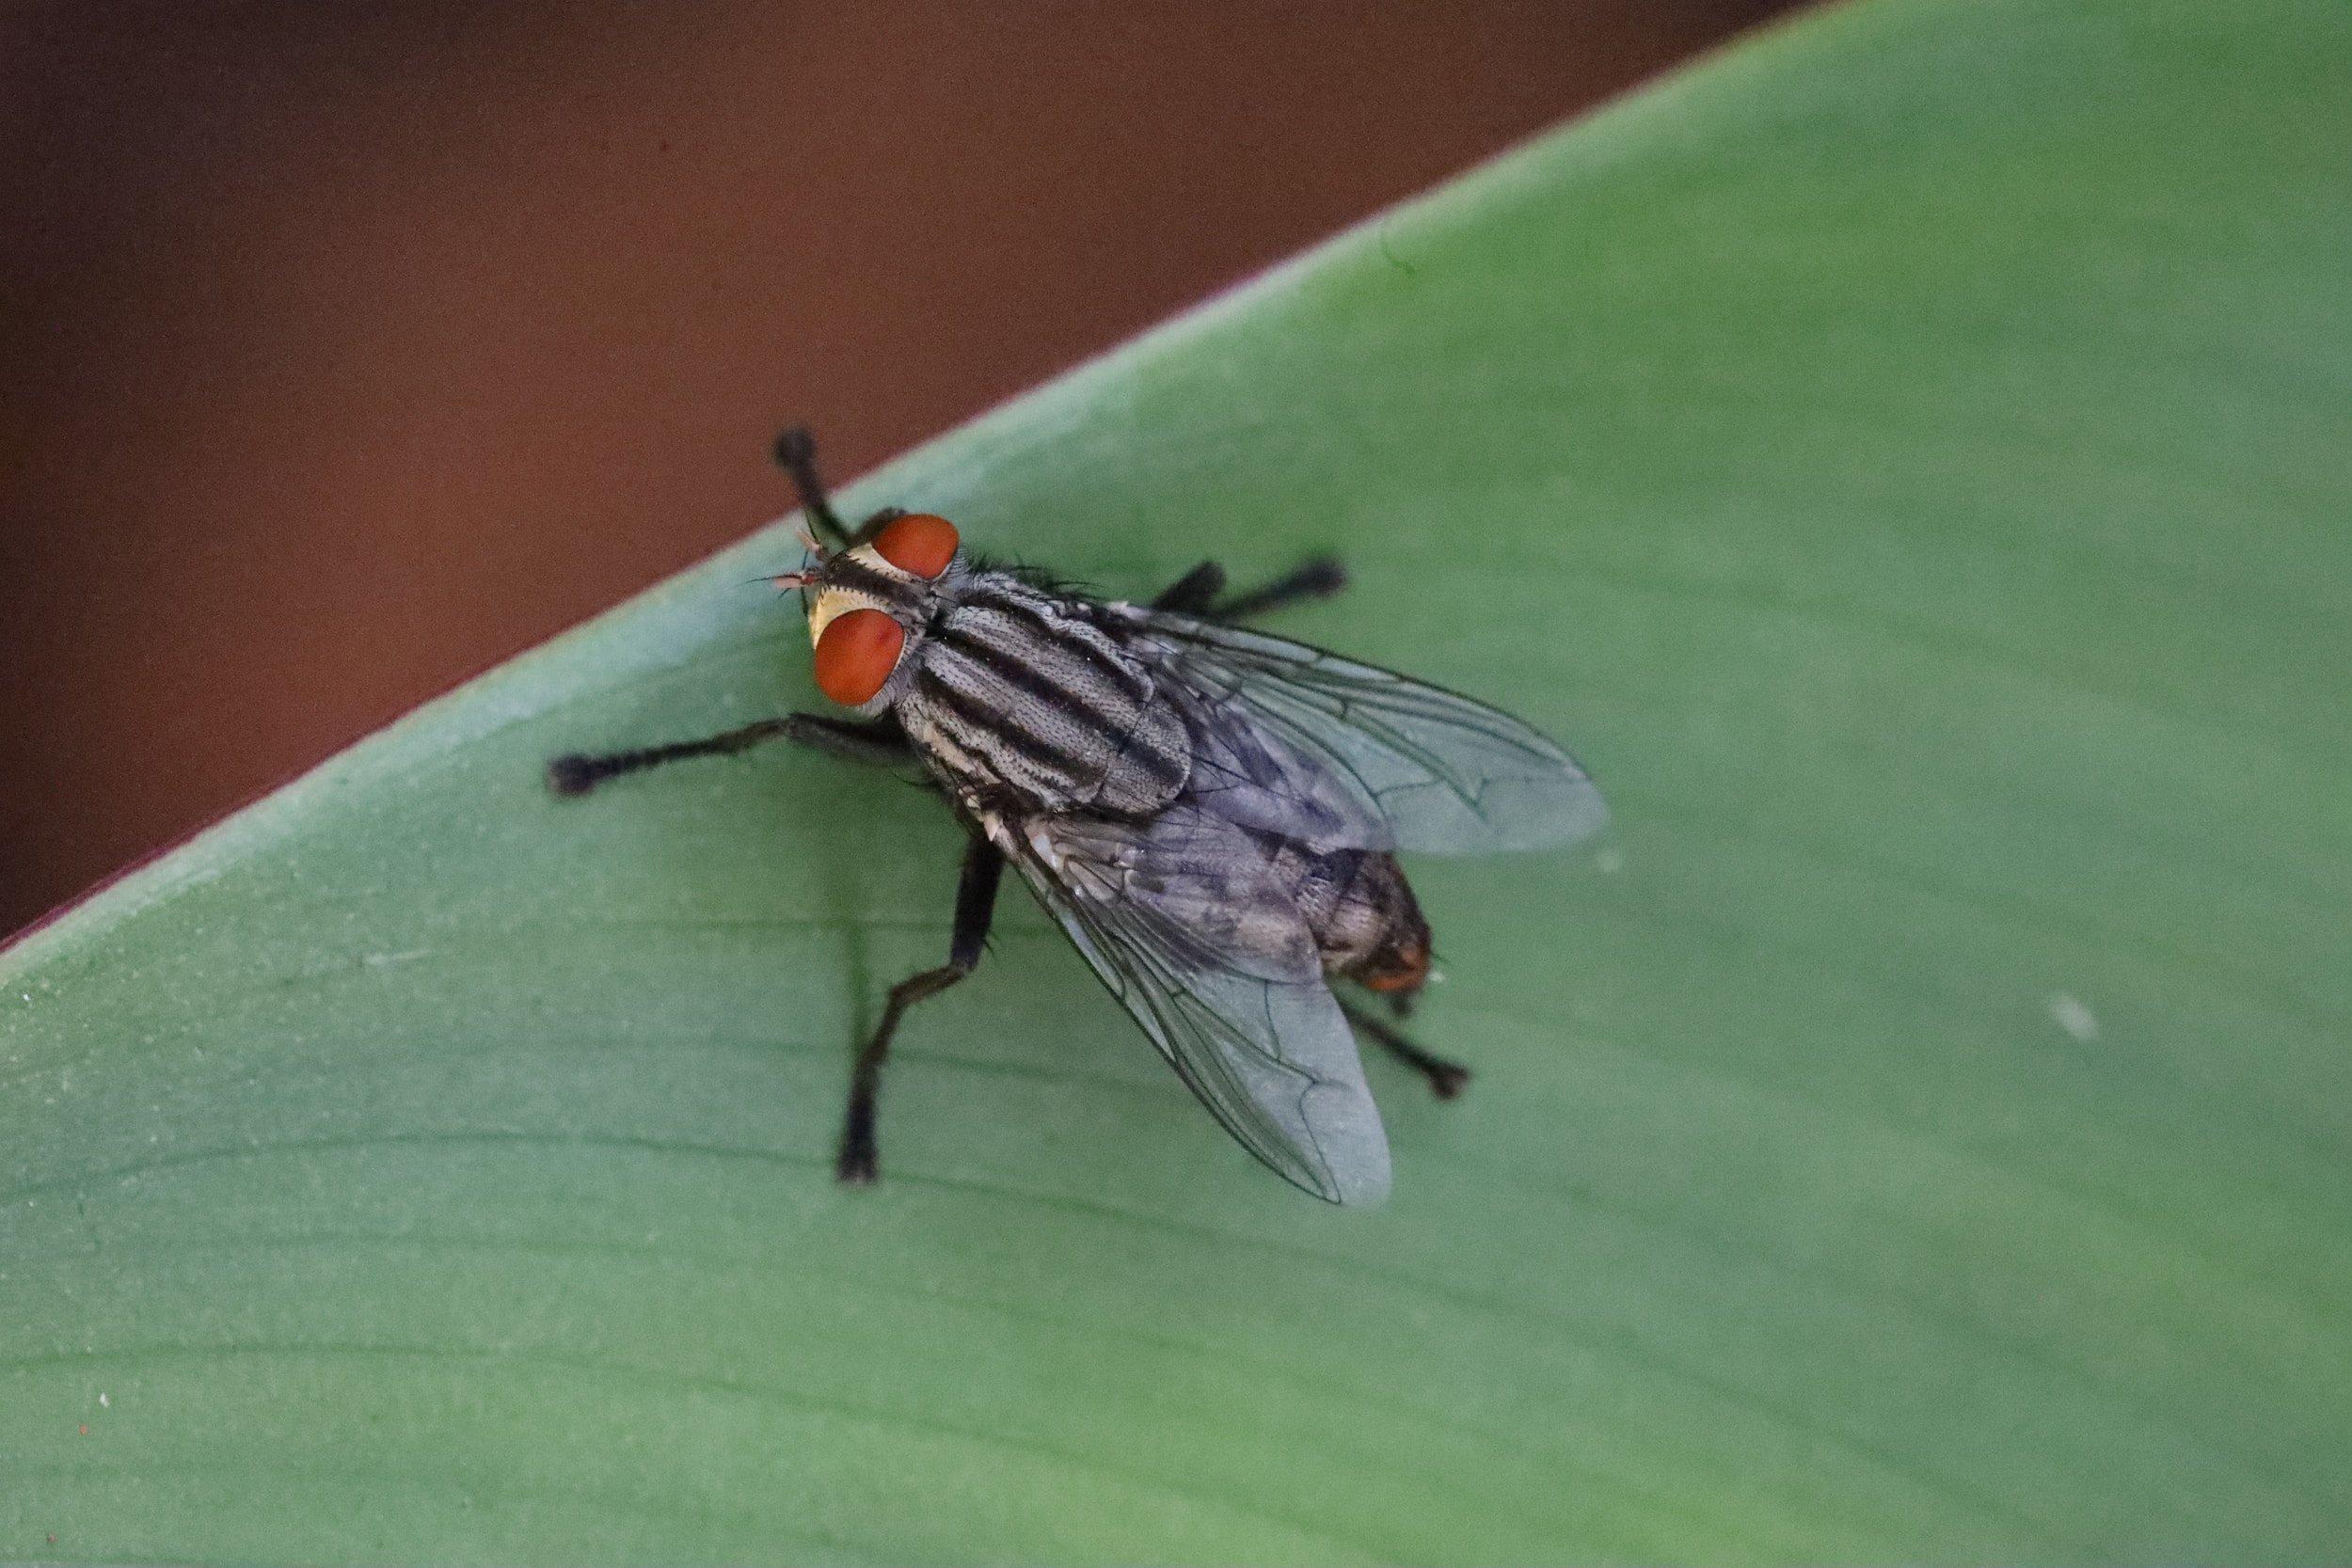 شركة مكافحة حشرات الذباب في الفلاح أبو ظبي